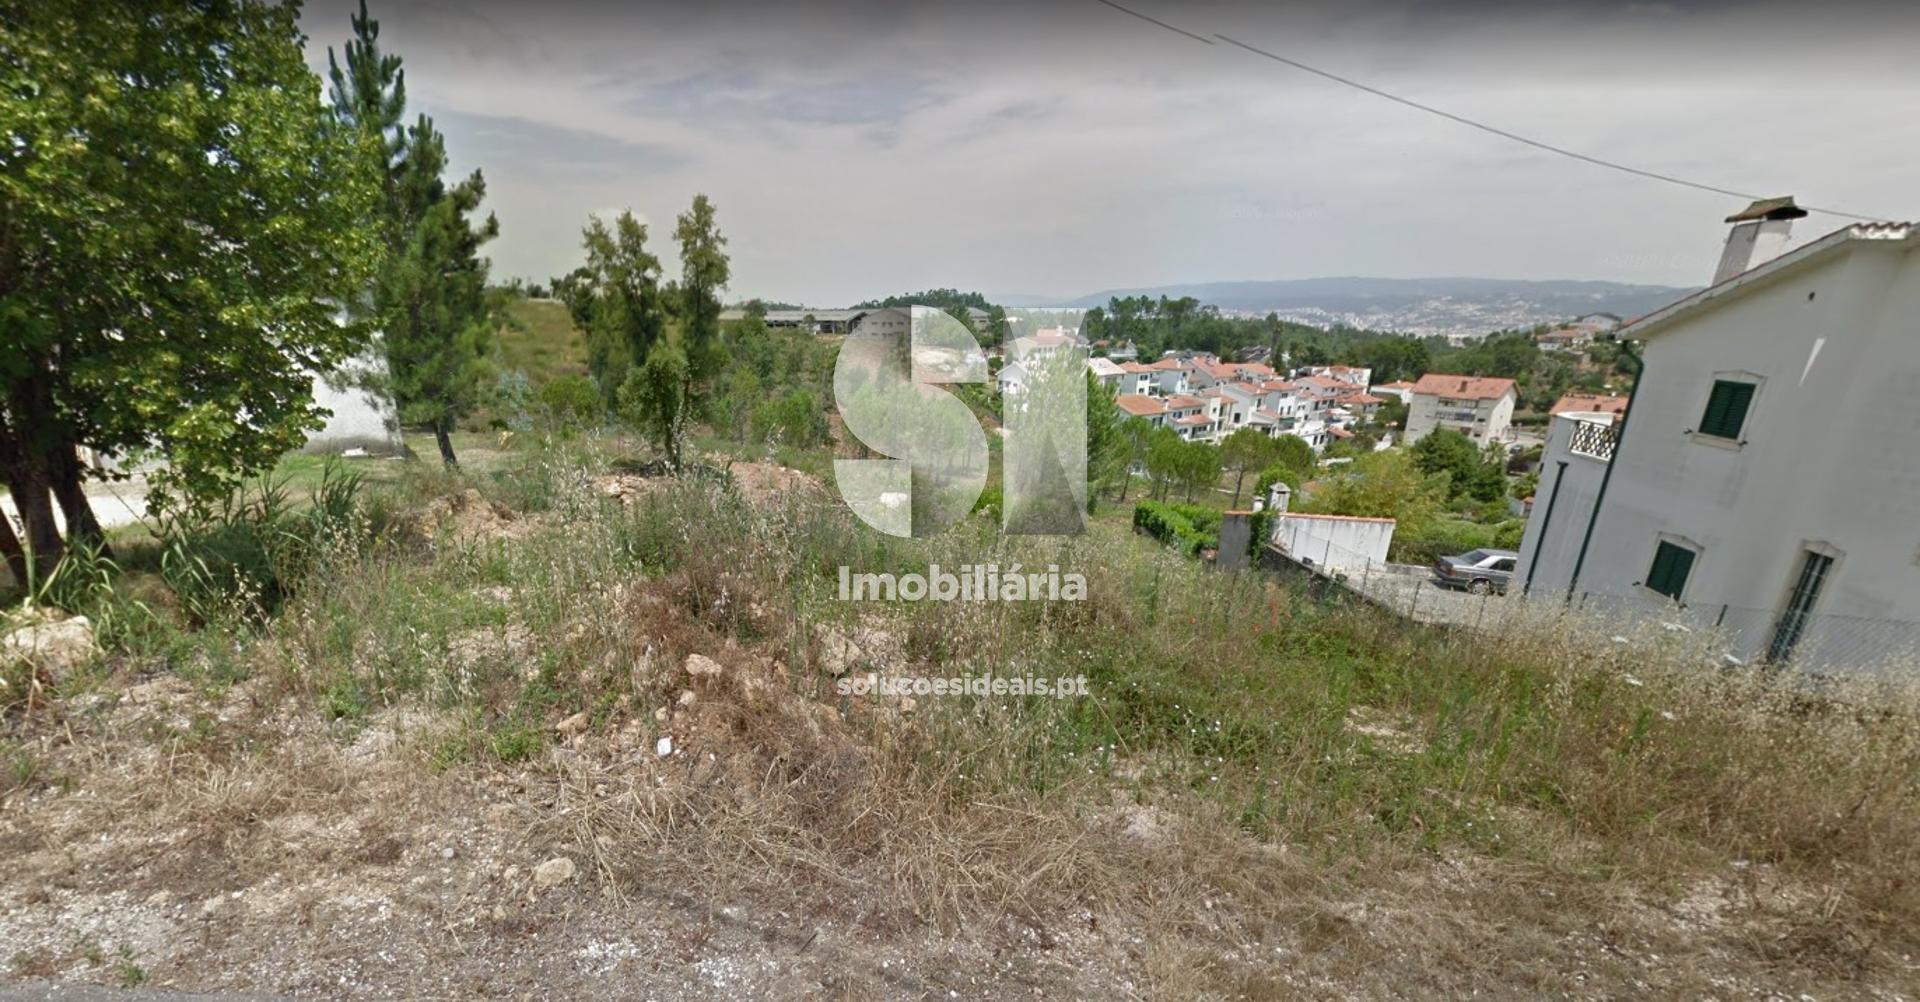 terreno para compra em coimbra uniao das freguesias de assafarge e antanhol carvalhais SEDRC9705